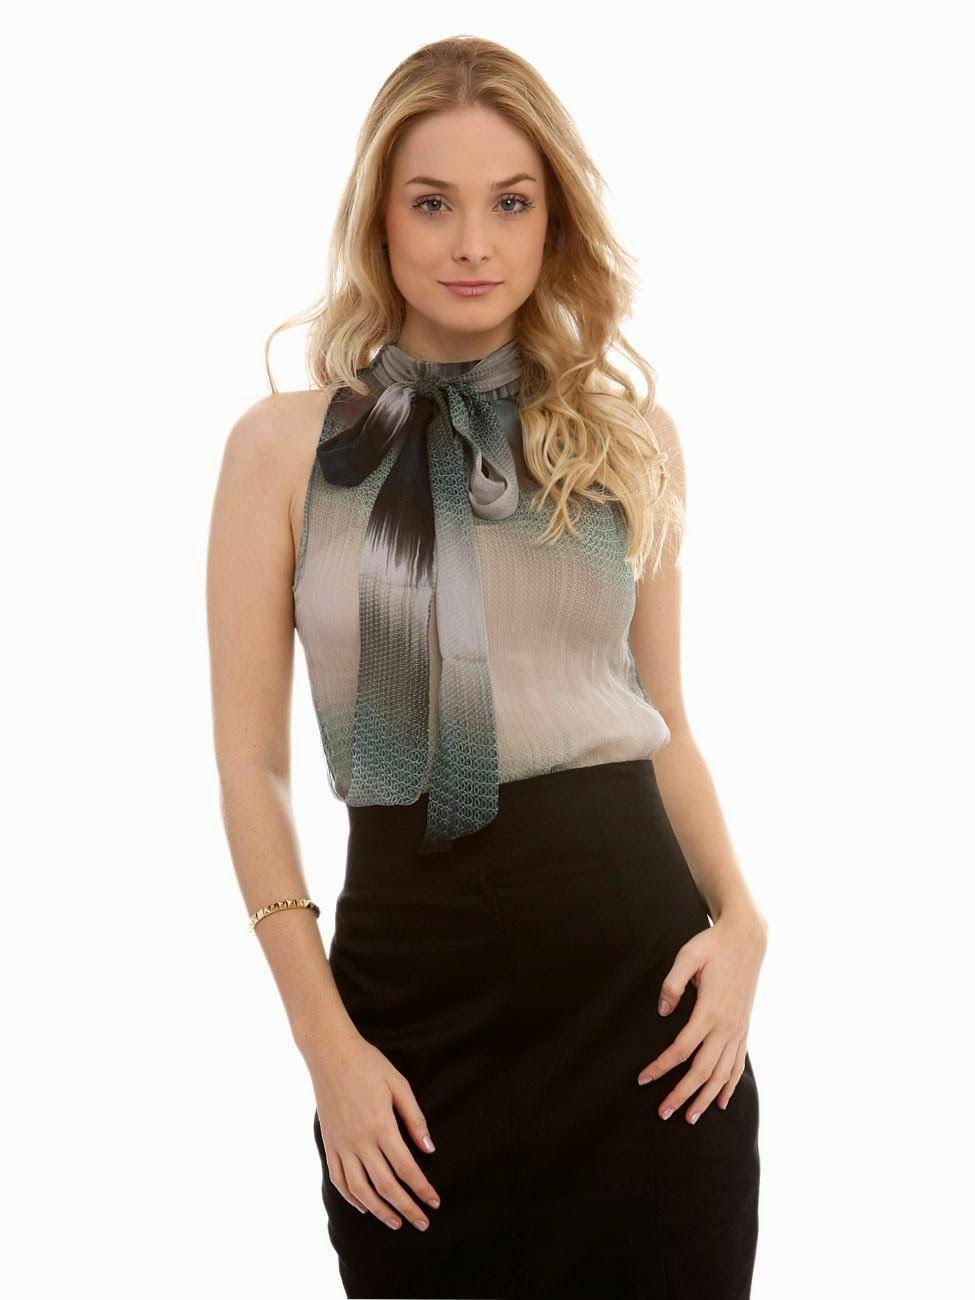 fcf849265 Modelos de Blusas Sociais Femininas – Fotos Mais Camisetas Sociais